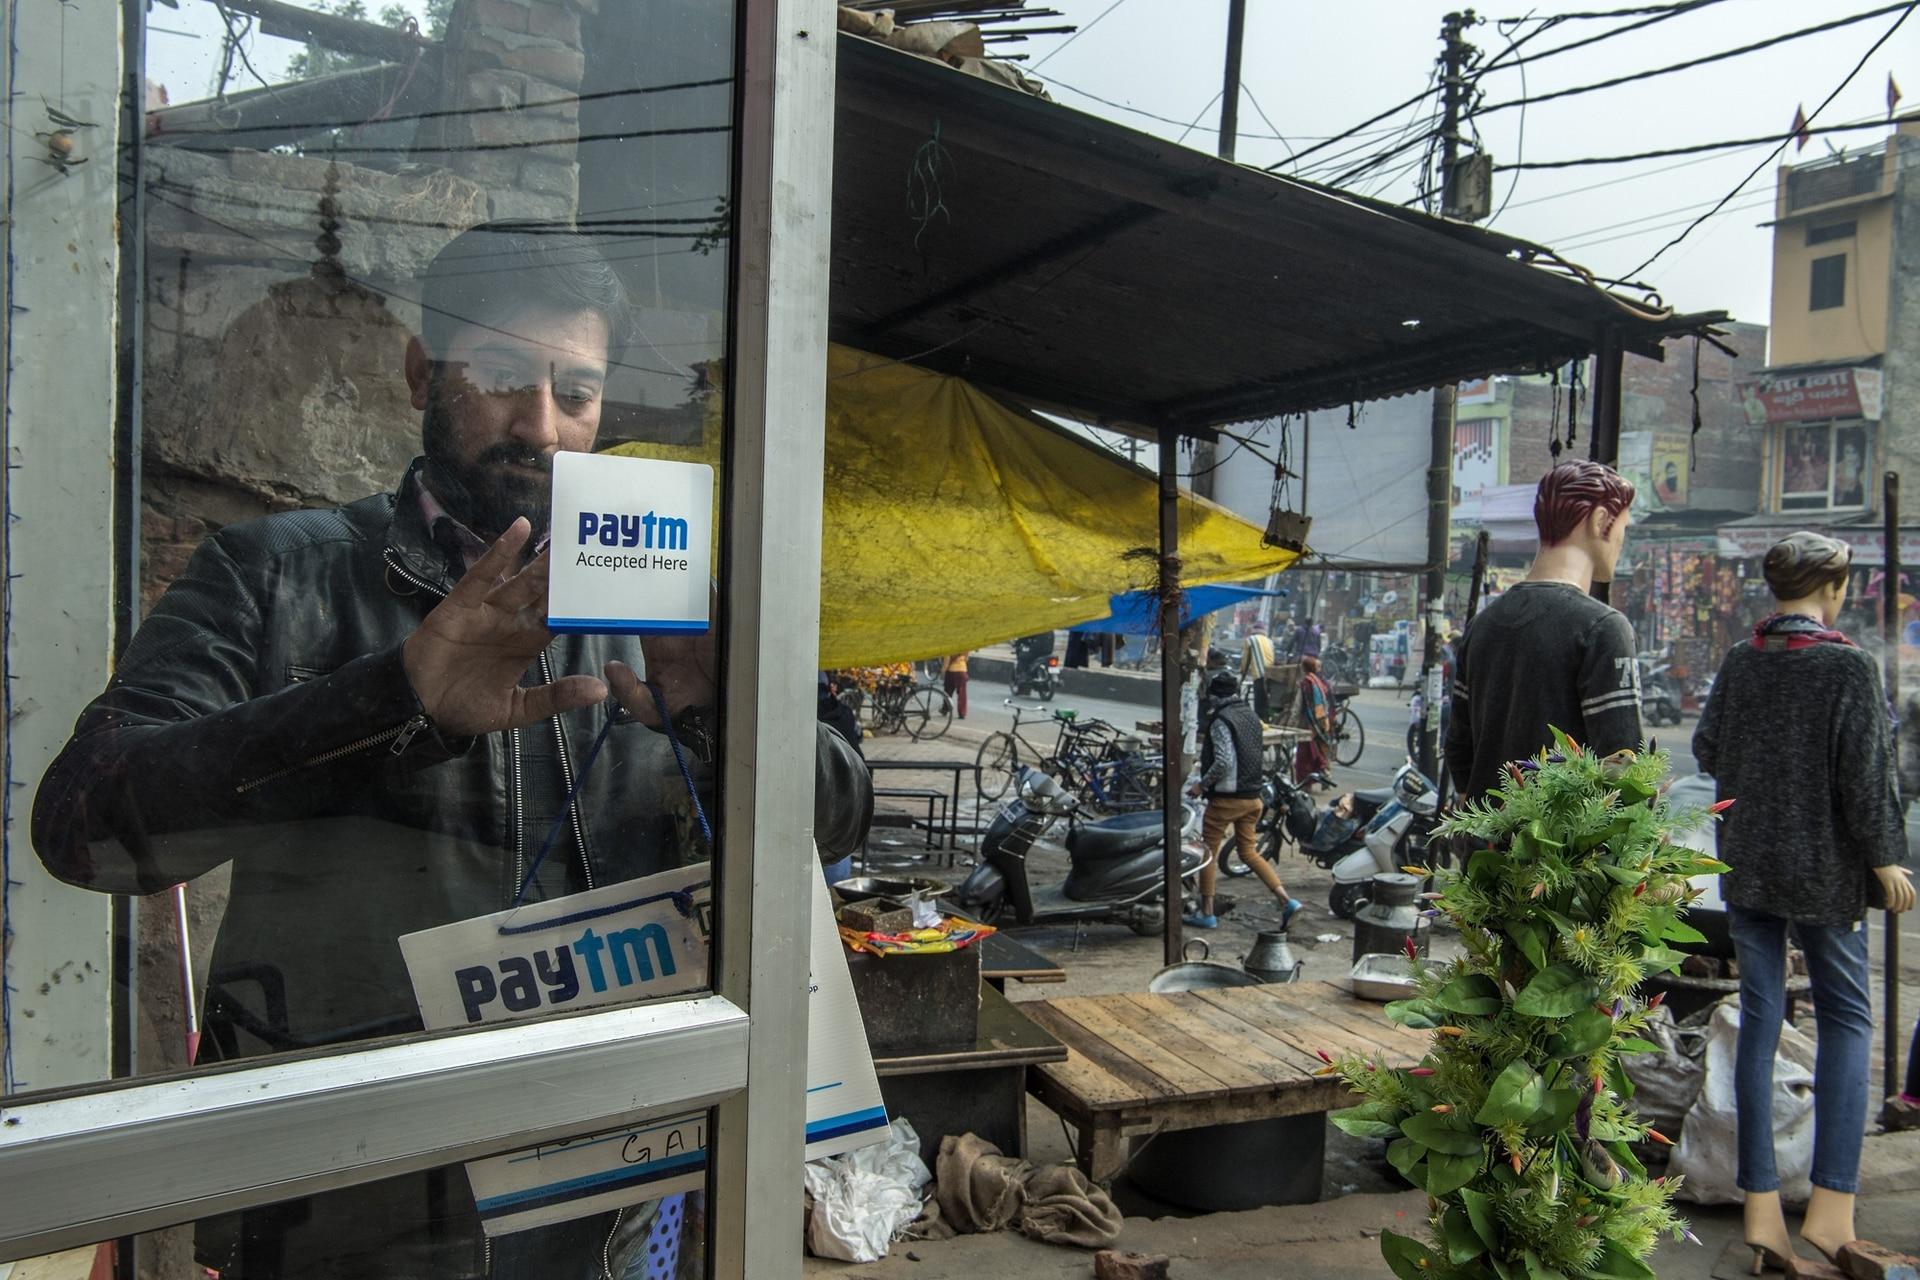 En Aligarh, India, un comerciante anuncia que ya acepta el sistema de transacciones digitales Paytm, creado en su país